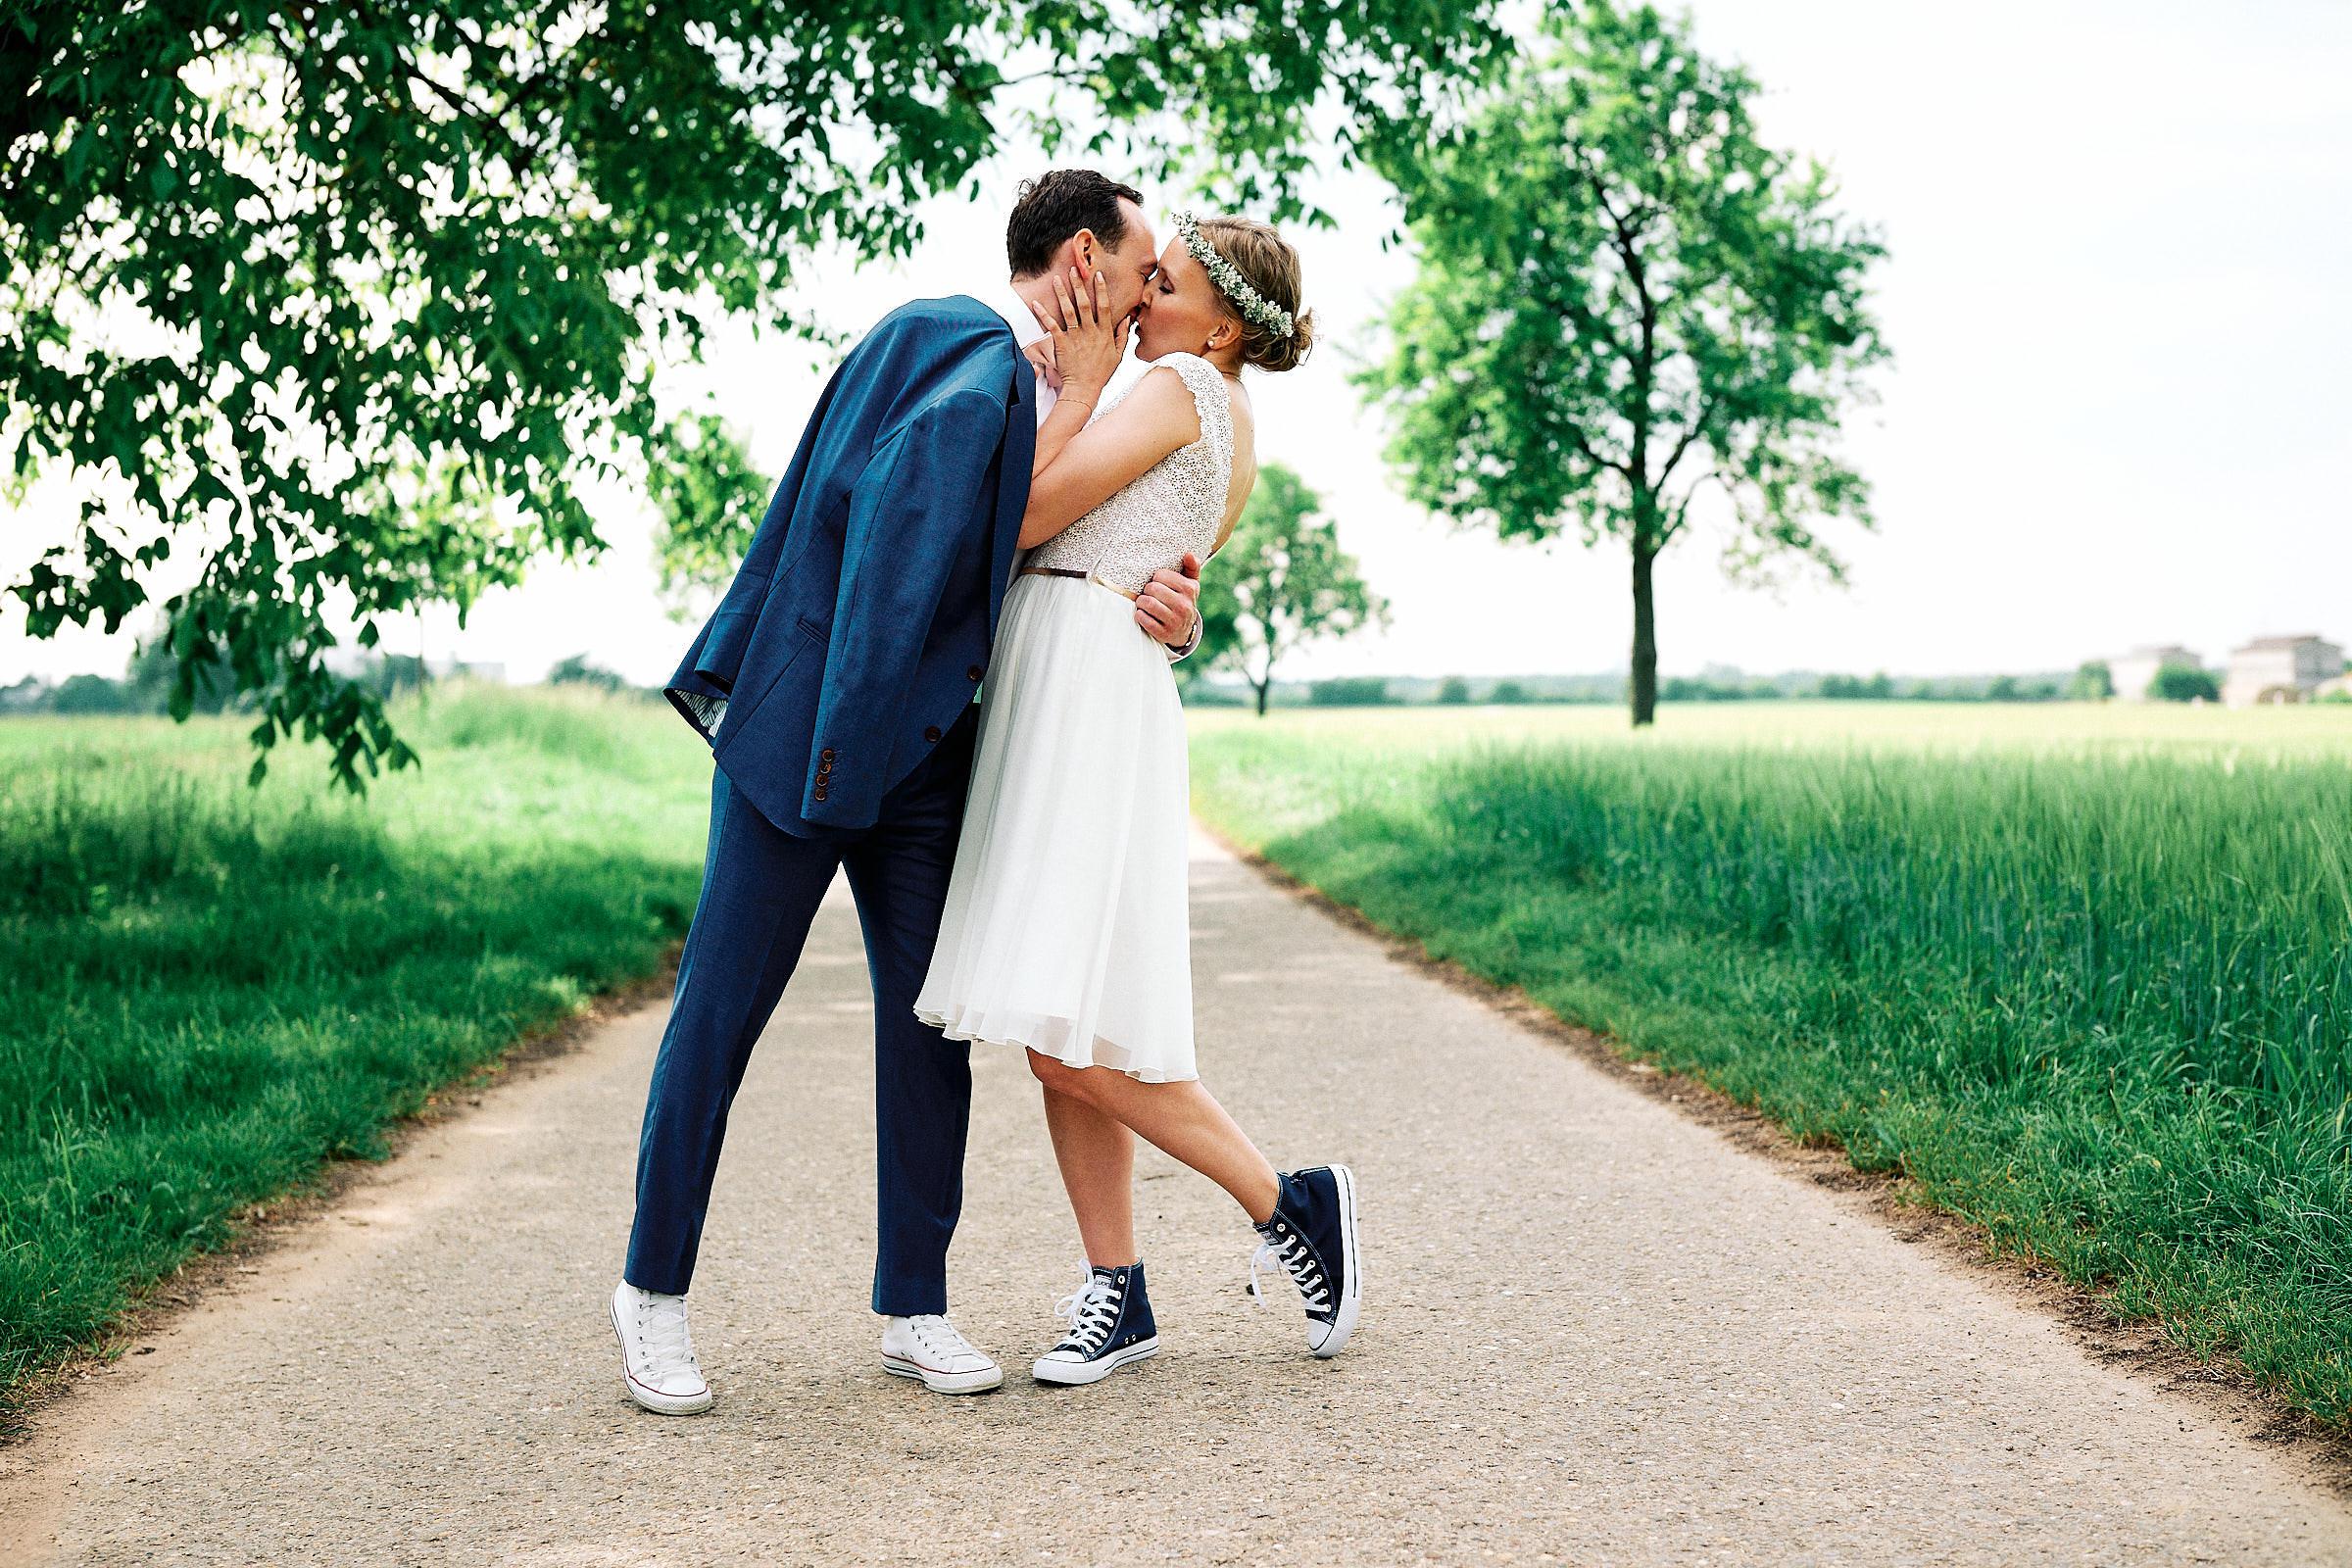 Traumhochzeit im Hotel Grenzhof Heidelberg - Das Brautpaar küsst sich beim Shooting ihrer Vintage-Hochzeit